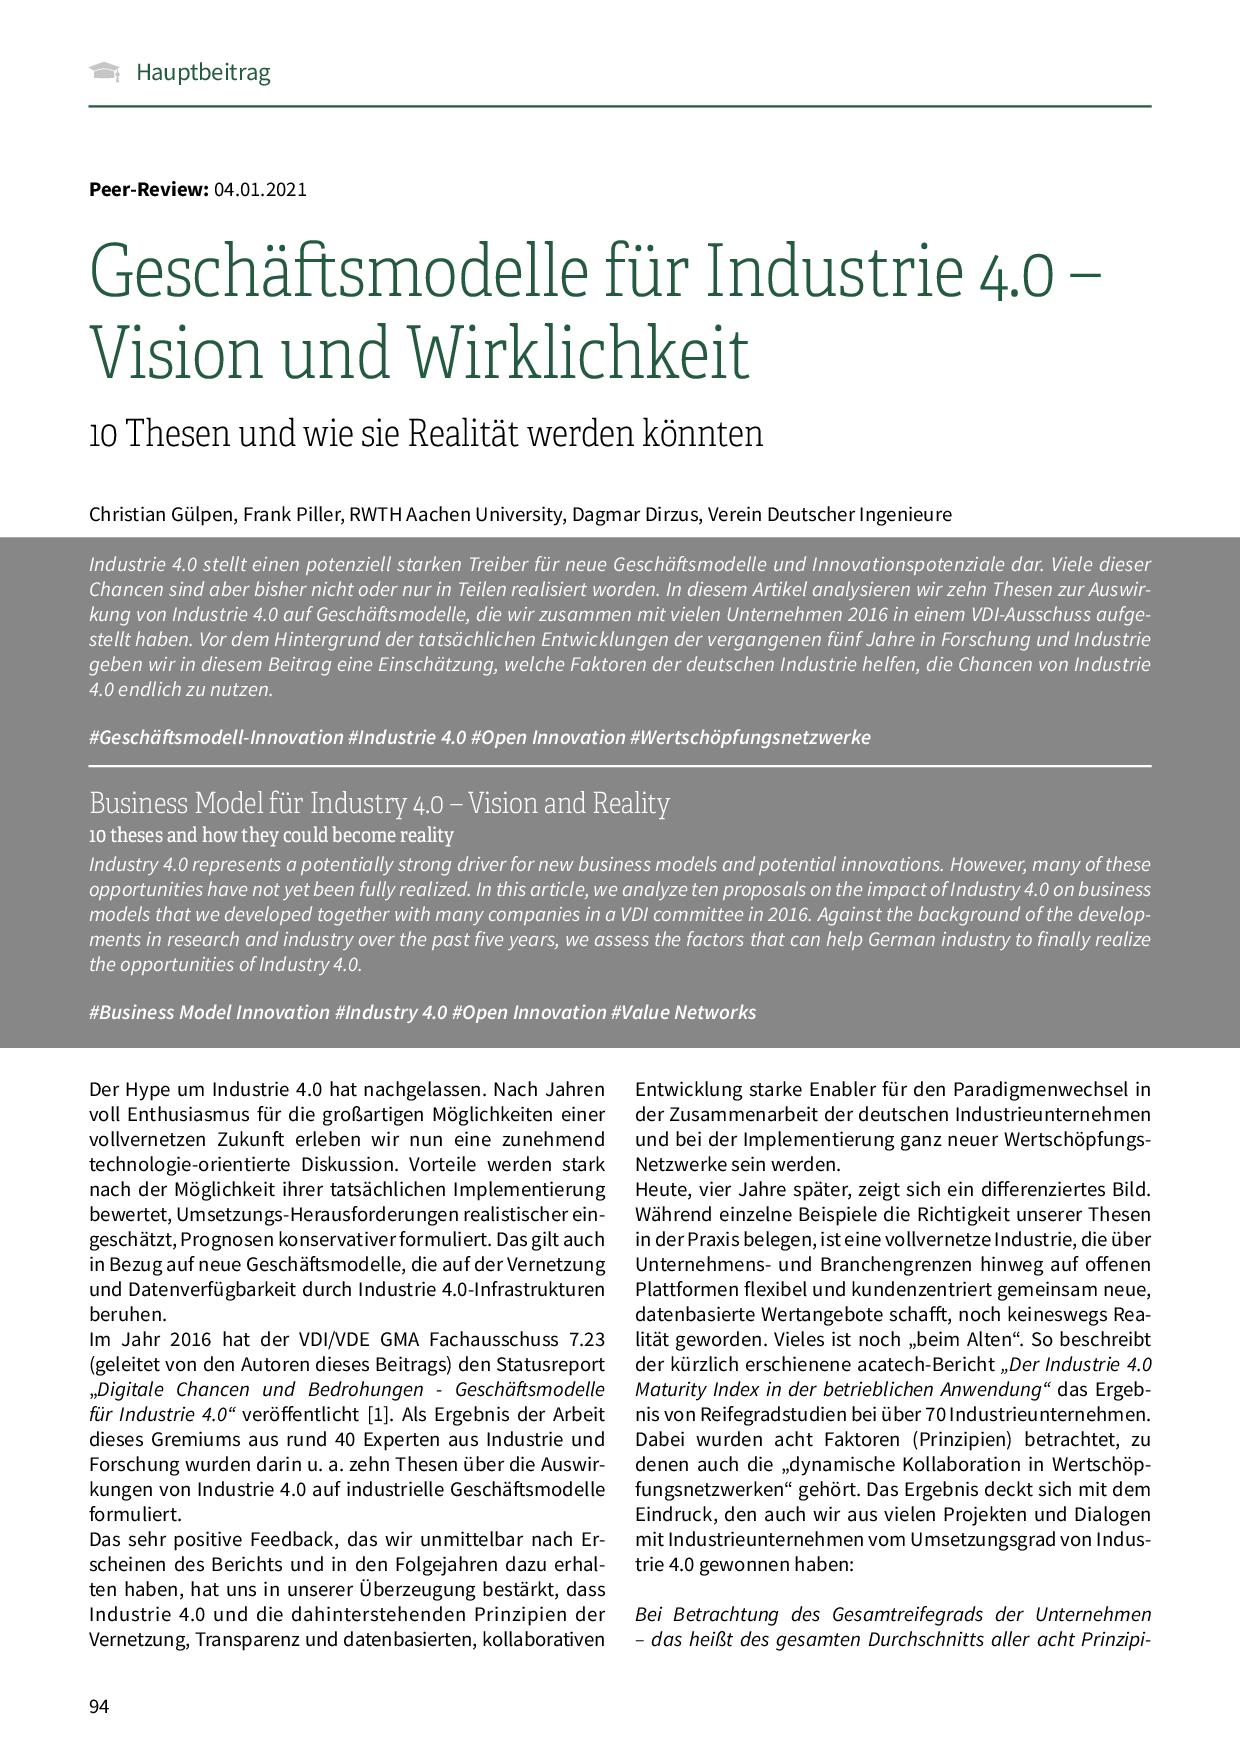 Geschäftsmodelle für Industrie 4.0 – Vision und Wirklichkeit